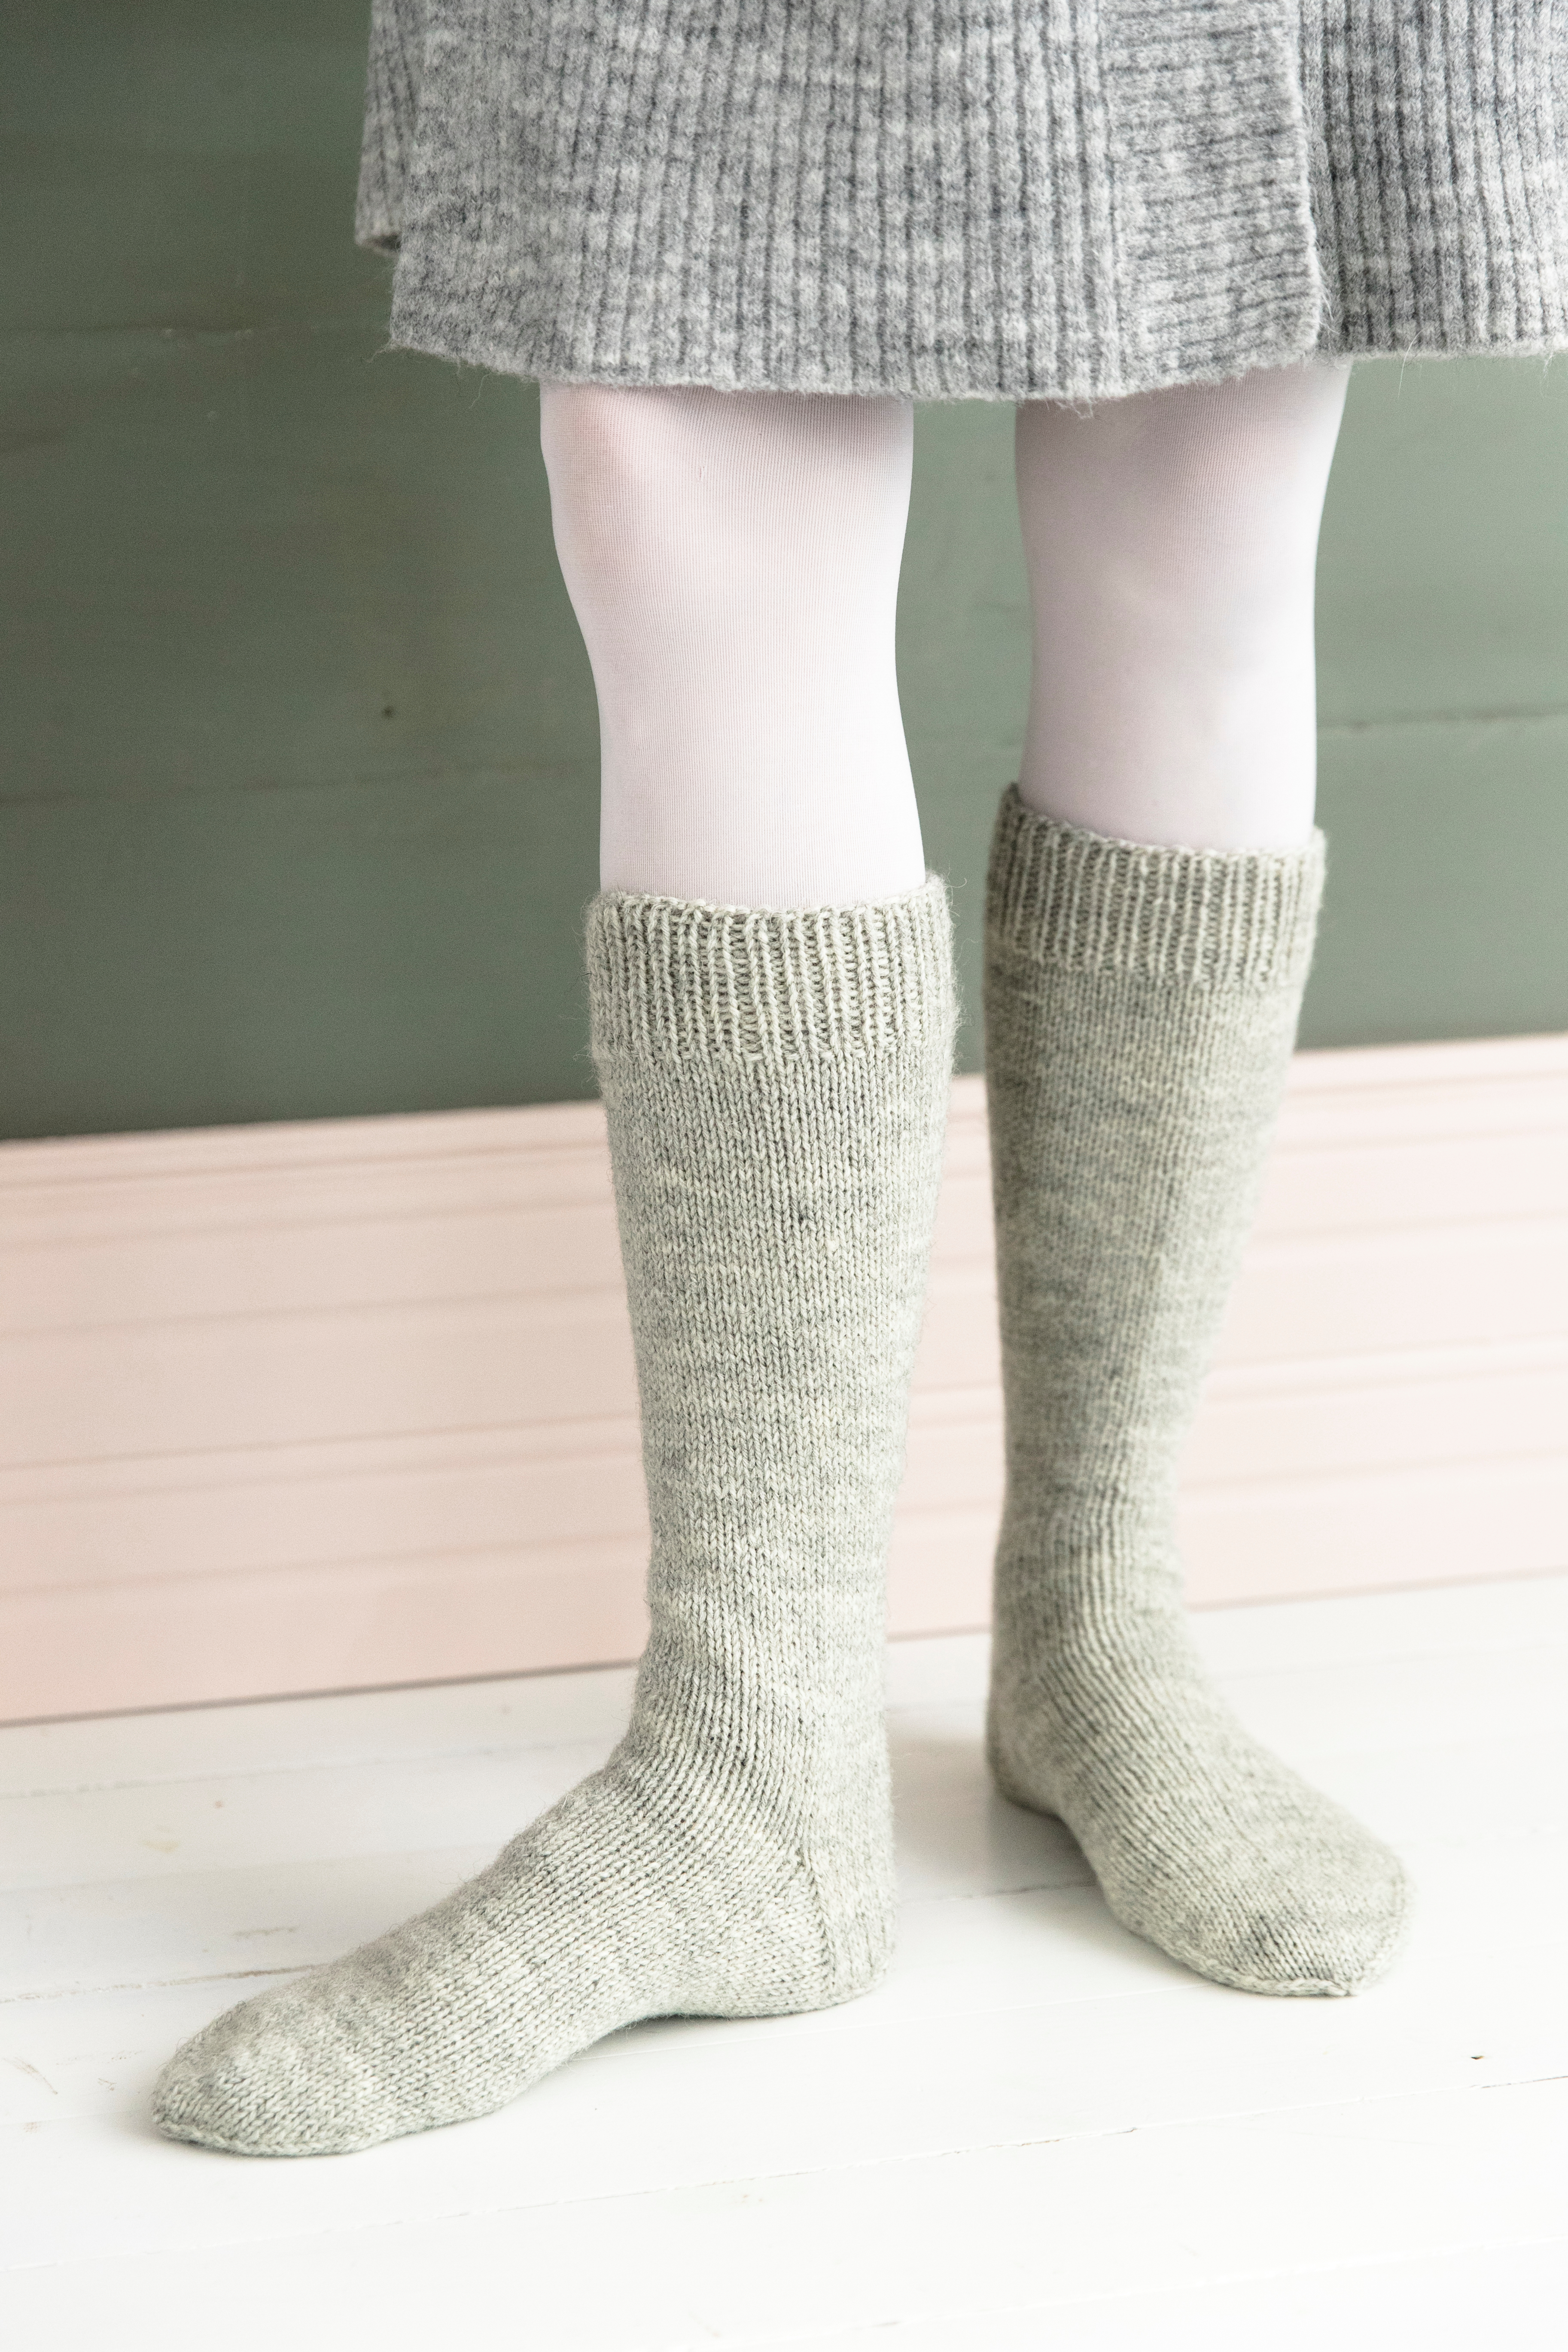 Marjut, 46, neuloo tajuttoman hienoja villasukkia, joista jokaisella on yksilöllinen tarina – katso kuvagalleria!